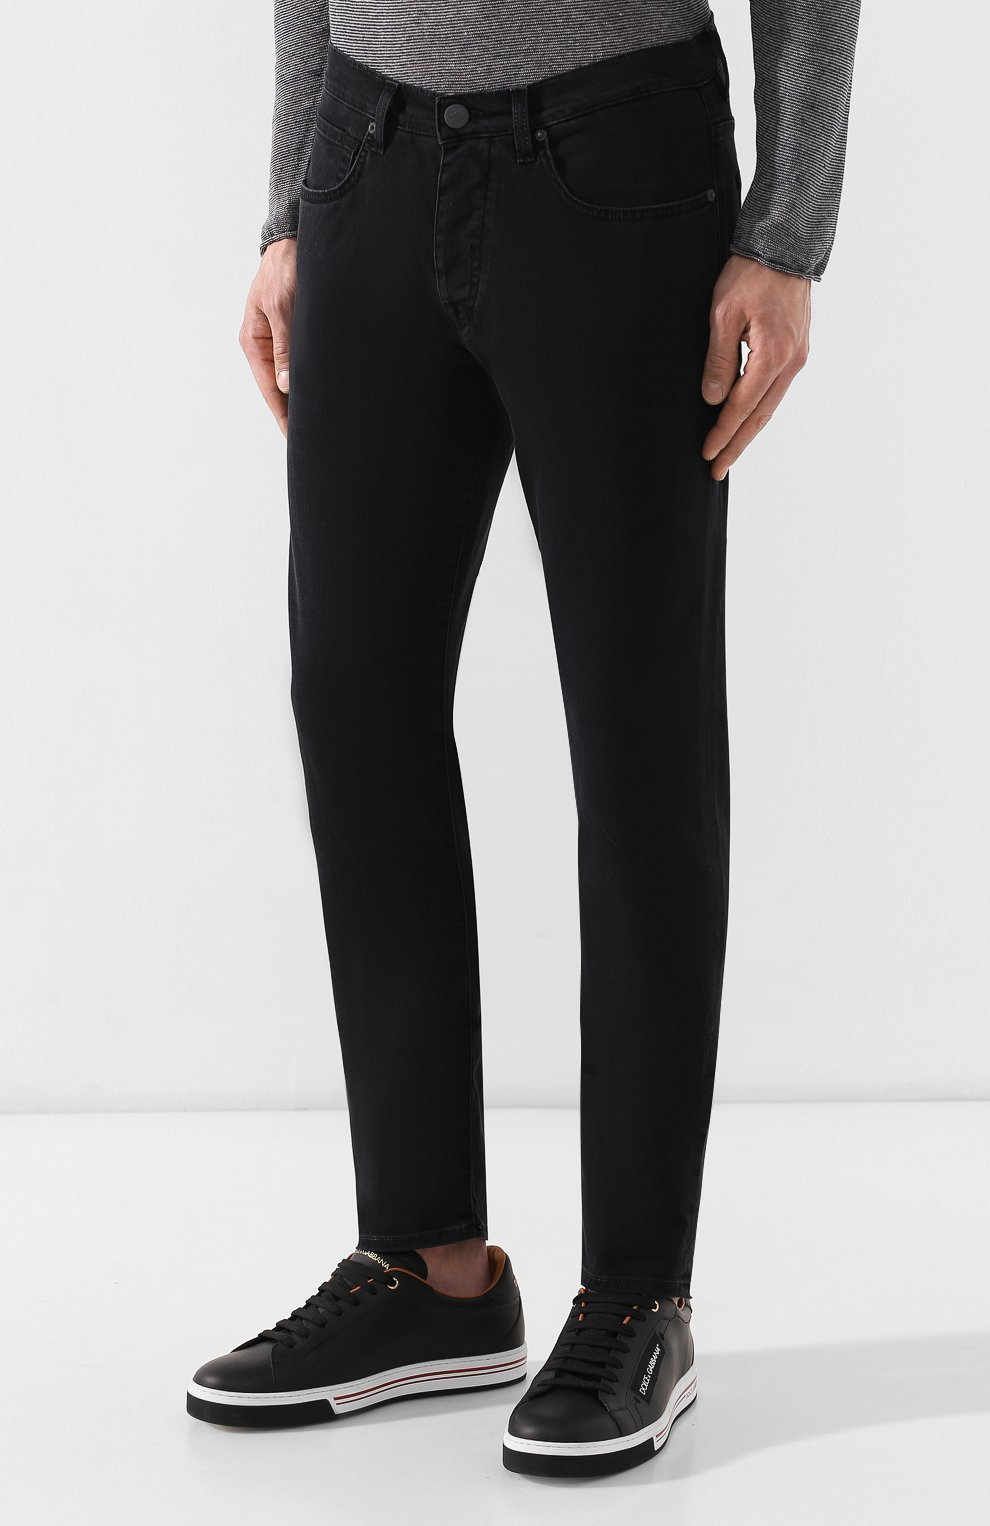 Мужские джинсы 2 MEN JEANS черного цвета, арт. MARC0/U49P5 | Фото 3